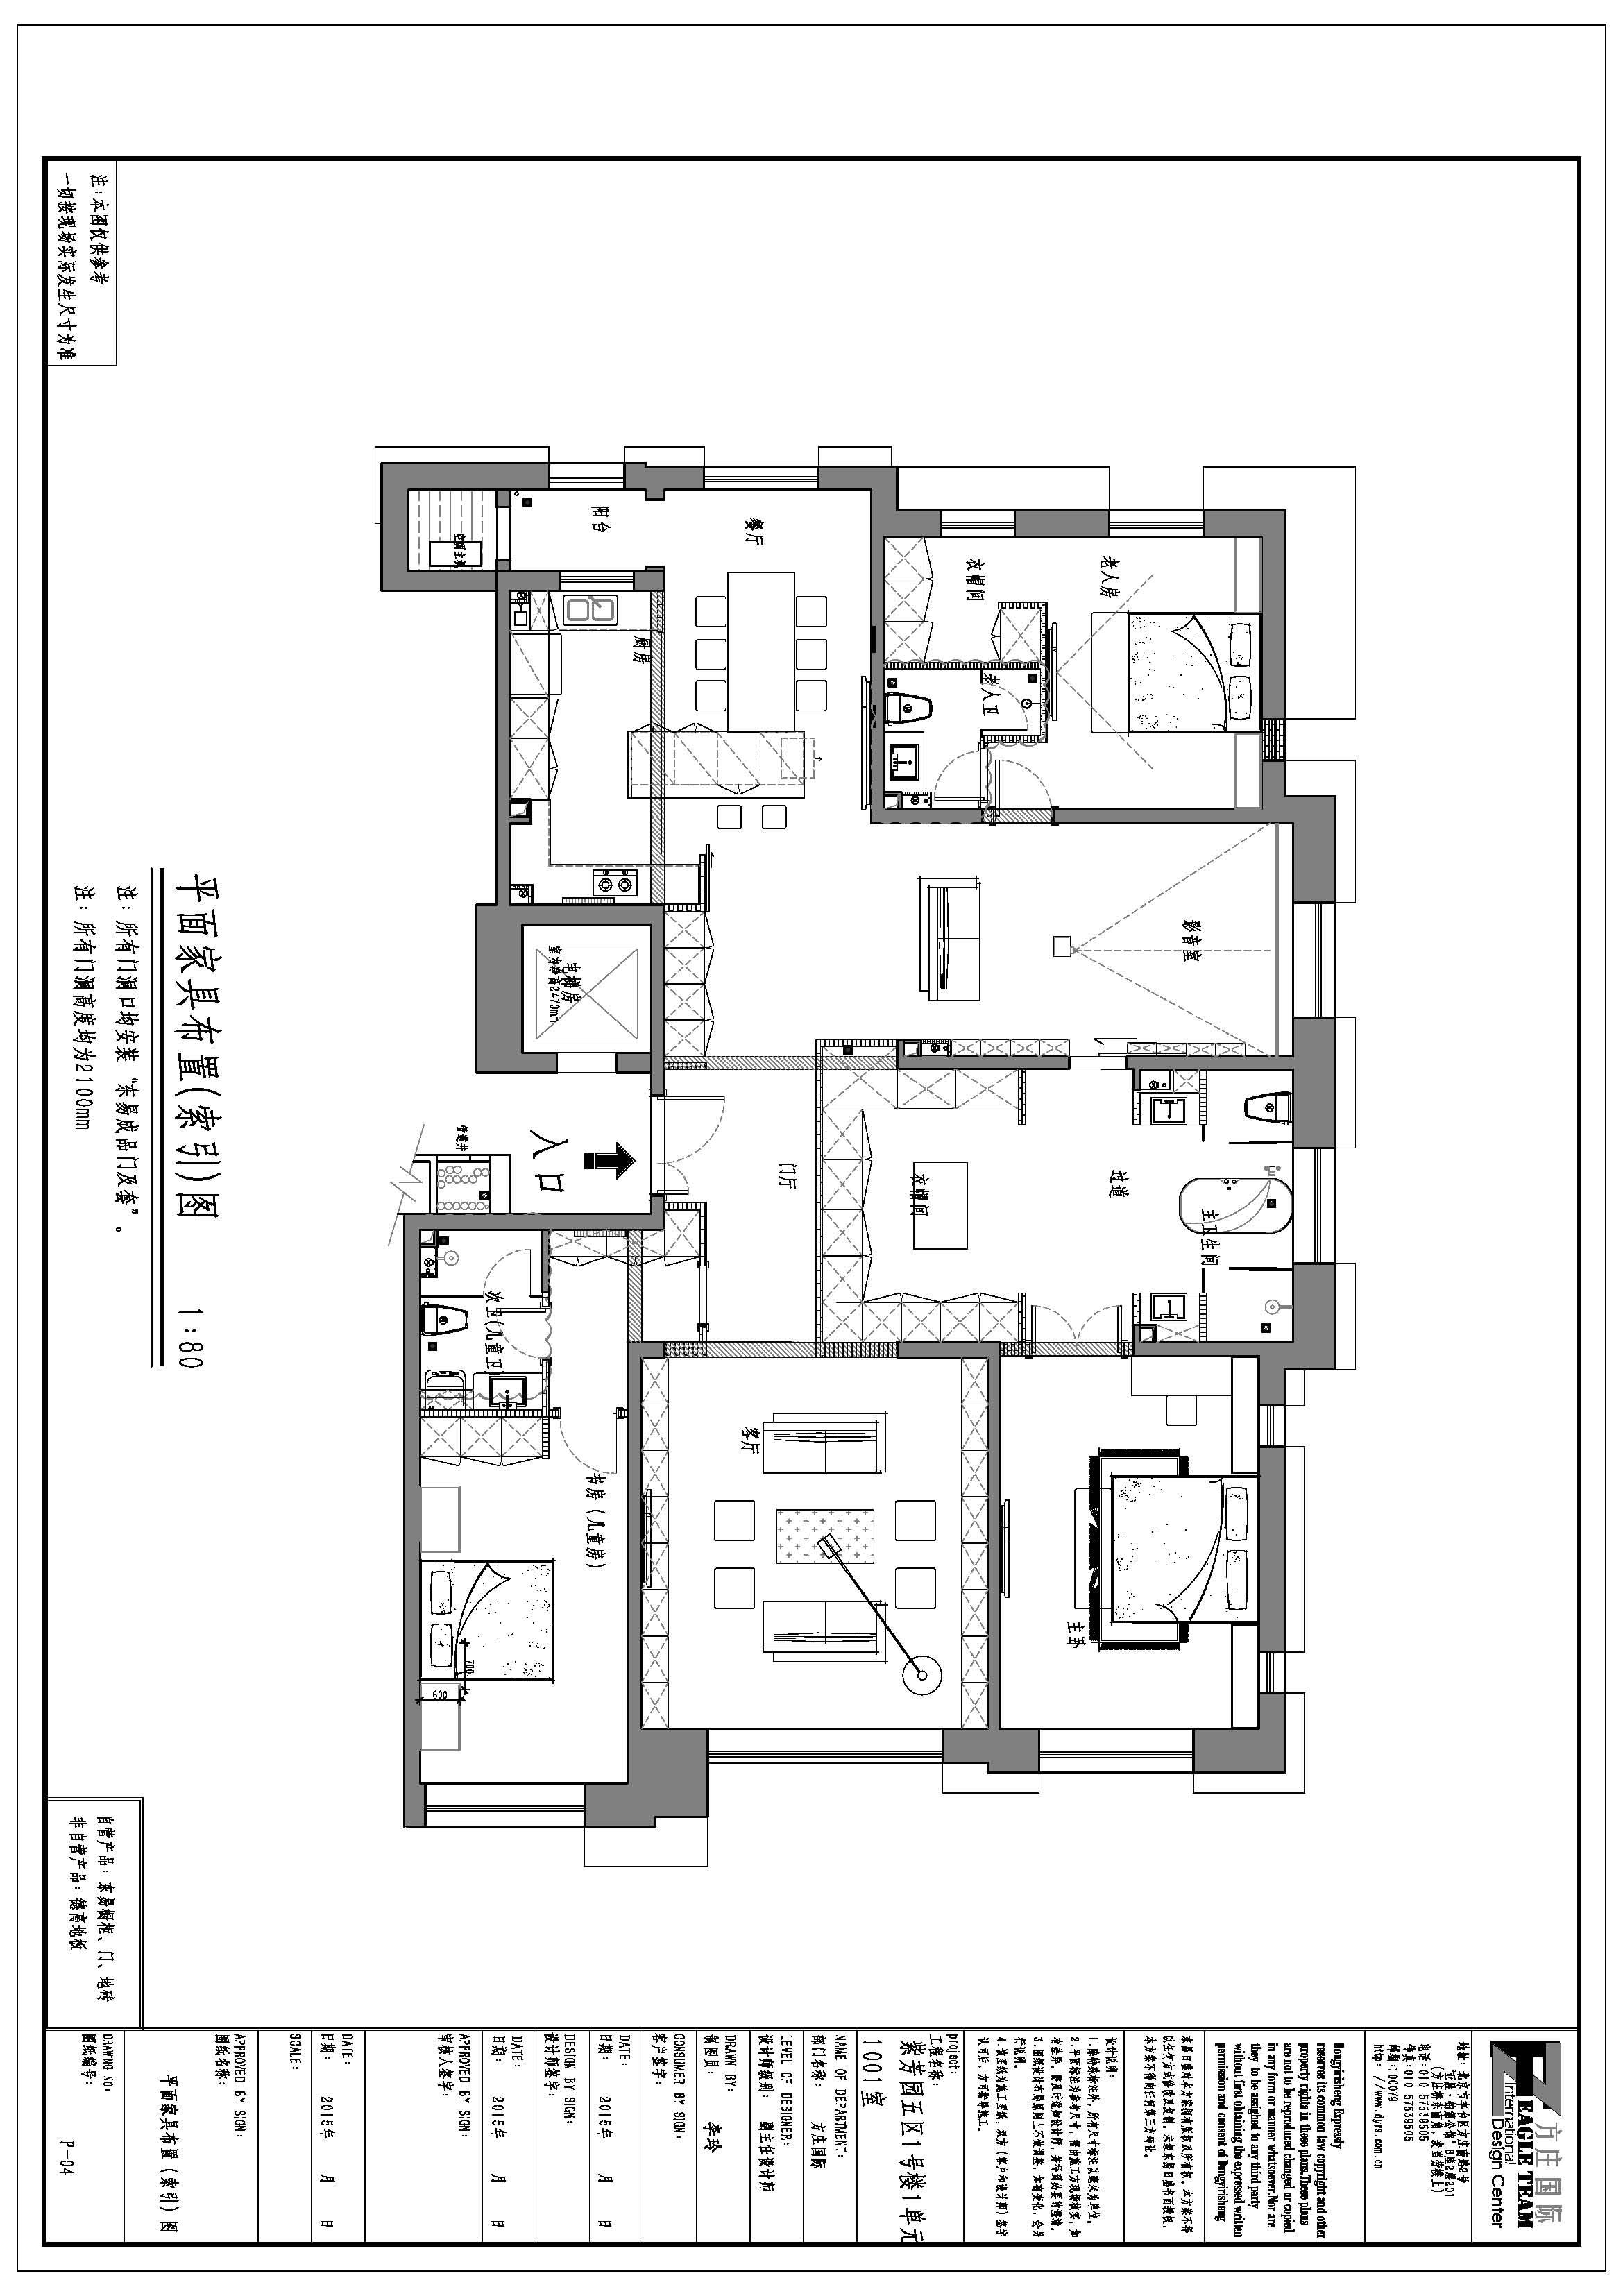 首开璞瑅紫方园-现代简约-198平米装修设计理念